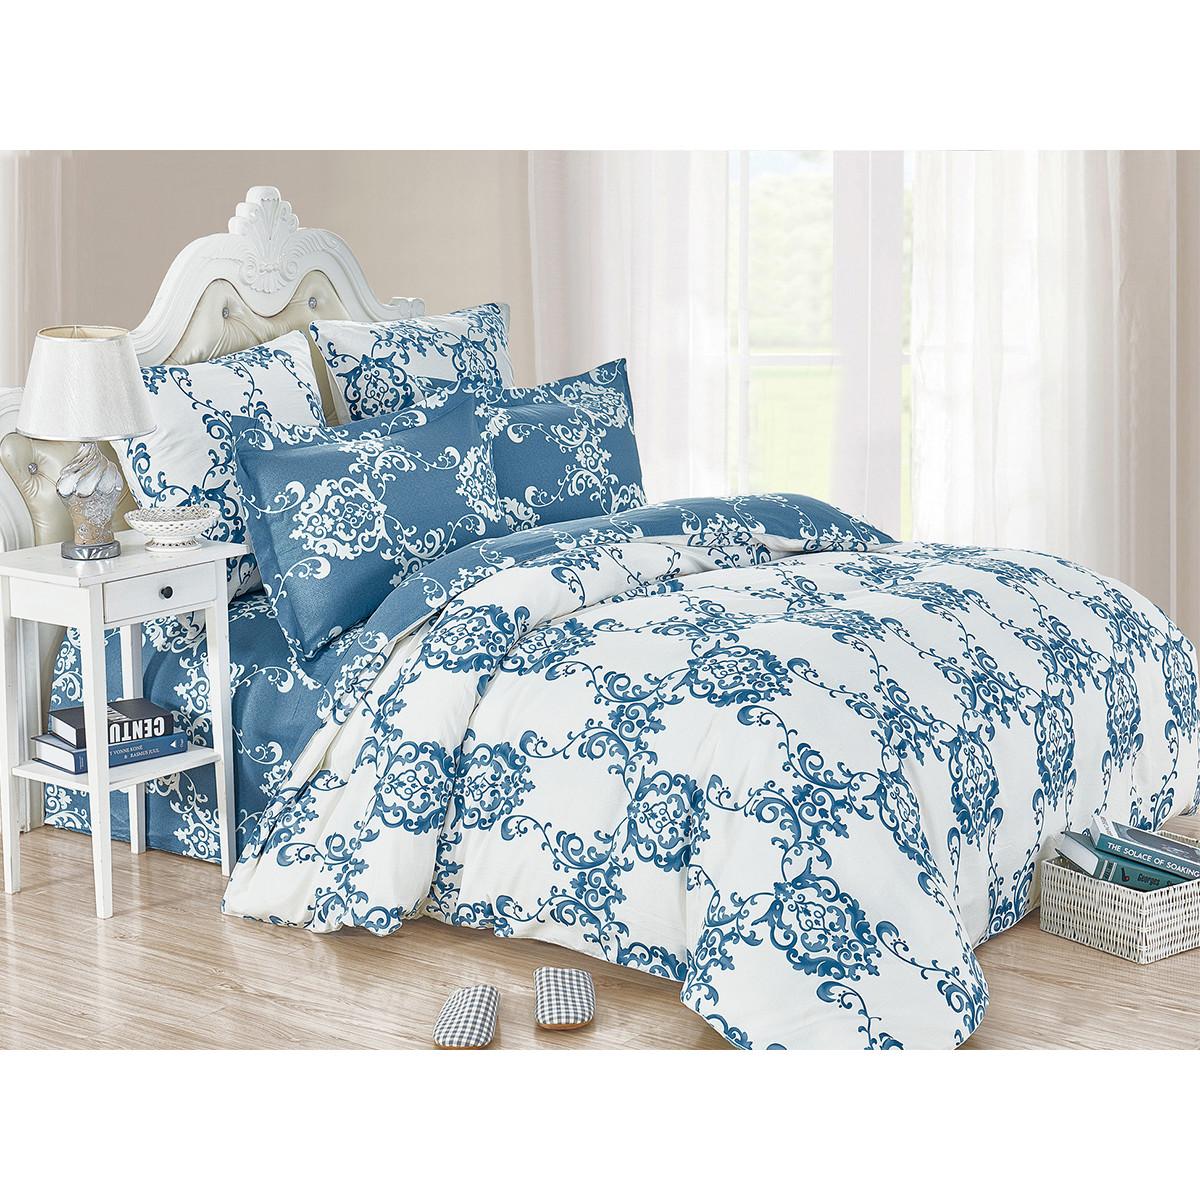 Комплект постельного белья Cleo Satin de Luxe Decor двуспальный сатин 50x70 см